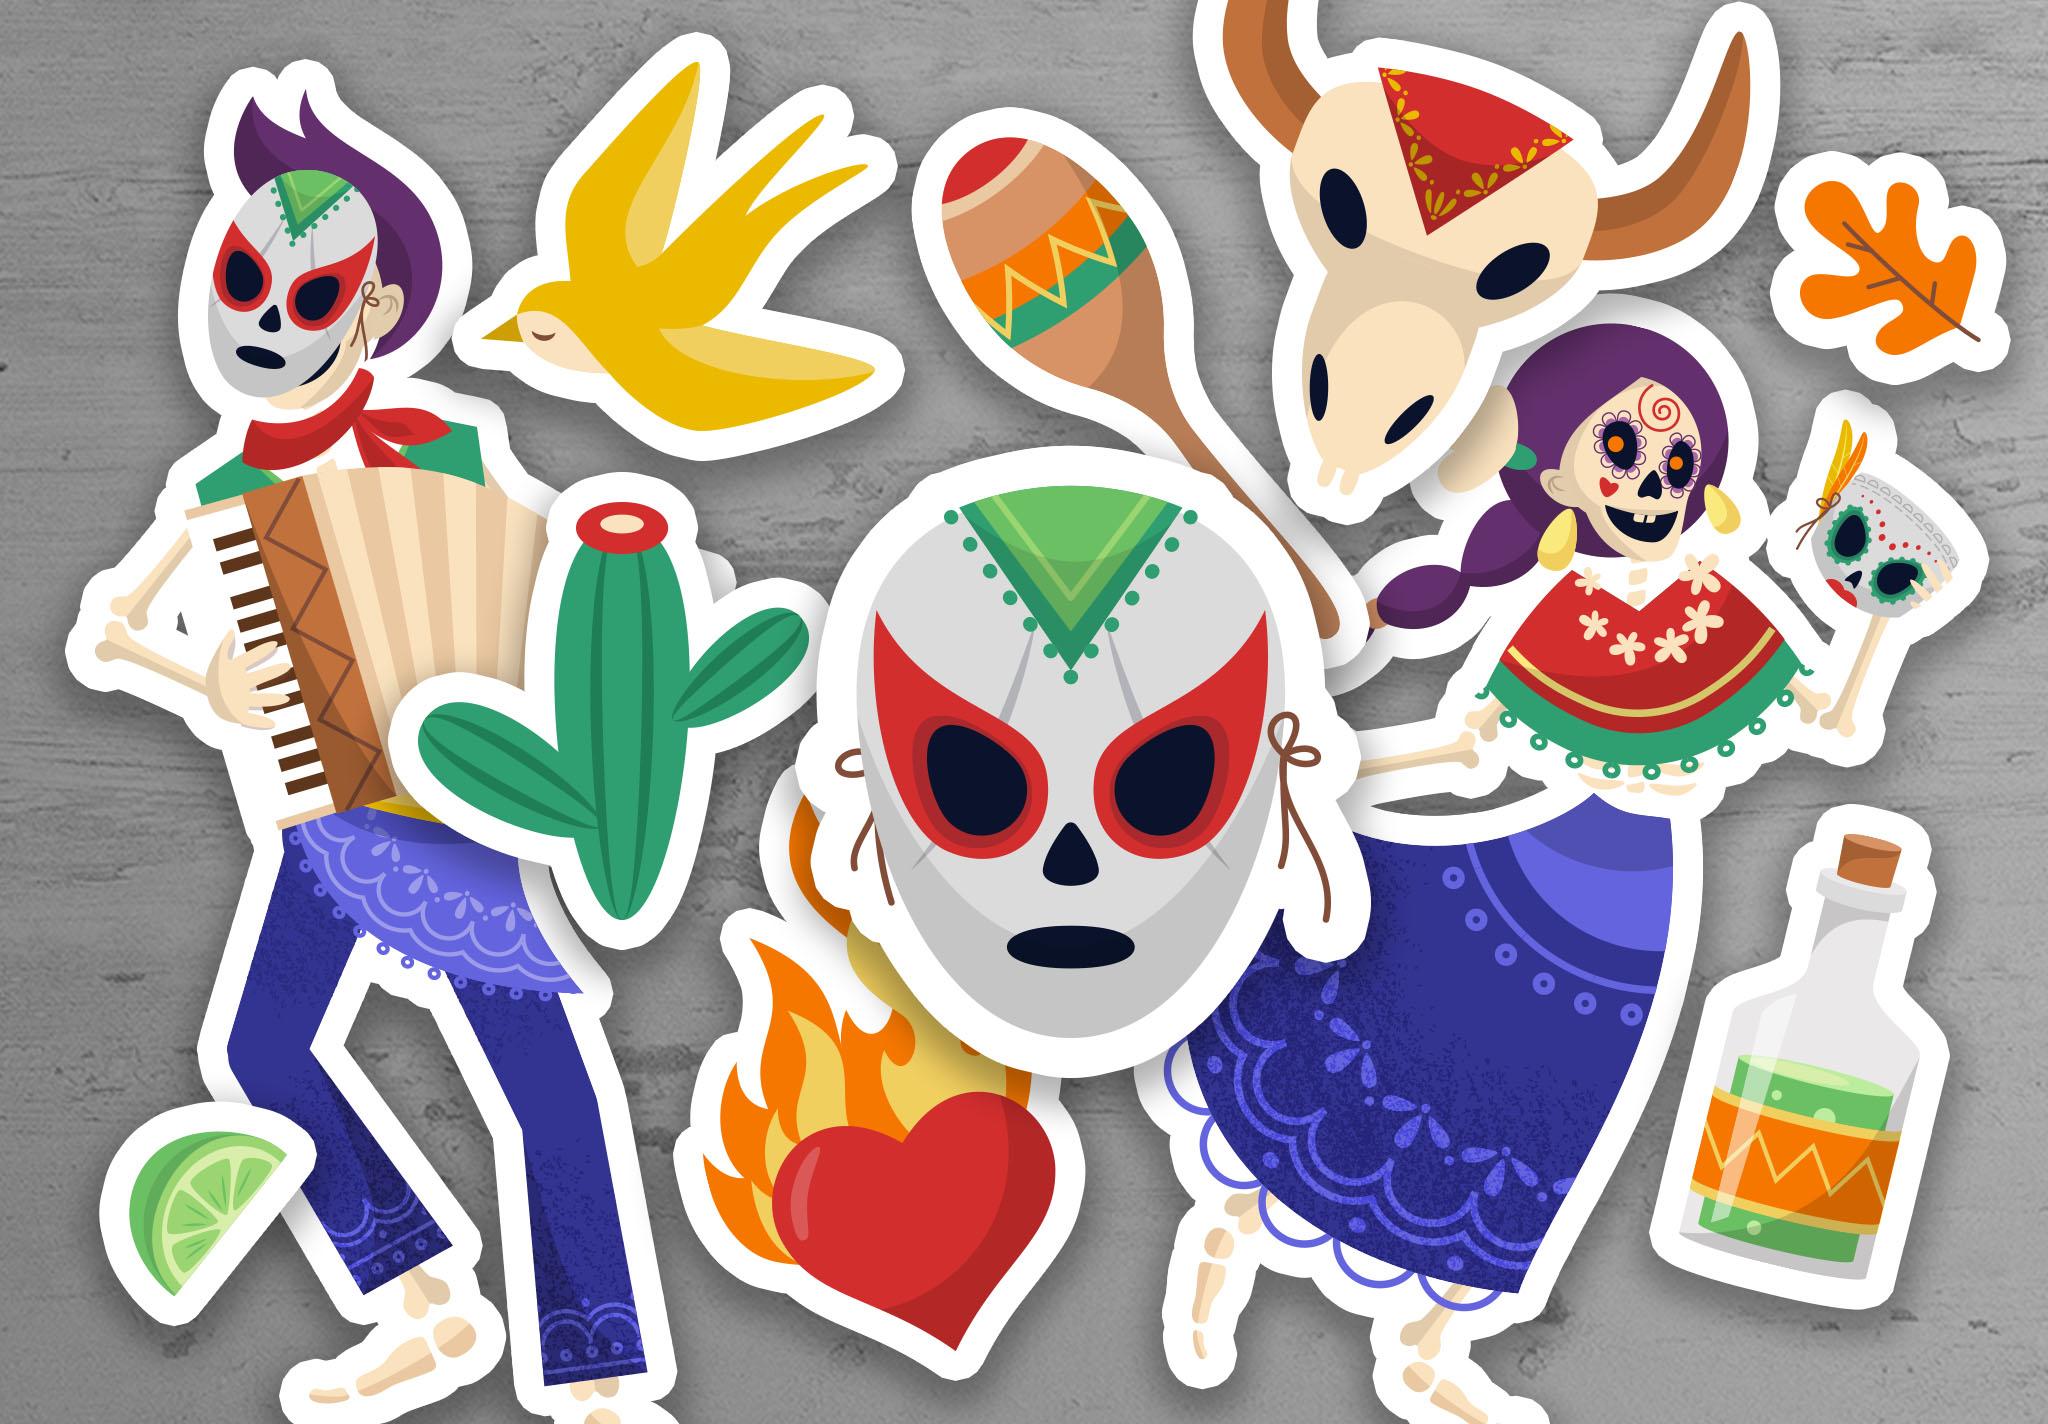 Dia De Los Muertos Illustrations Pack